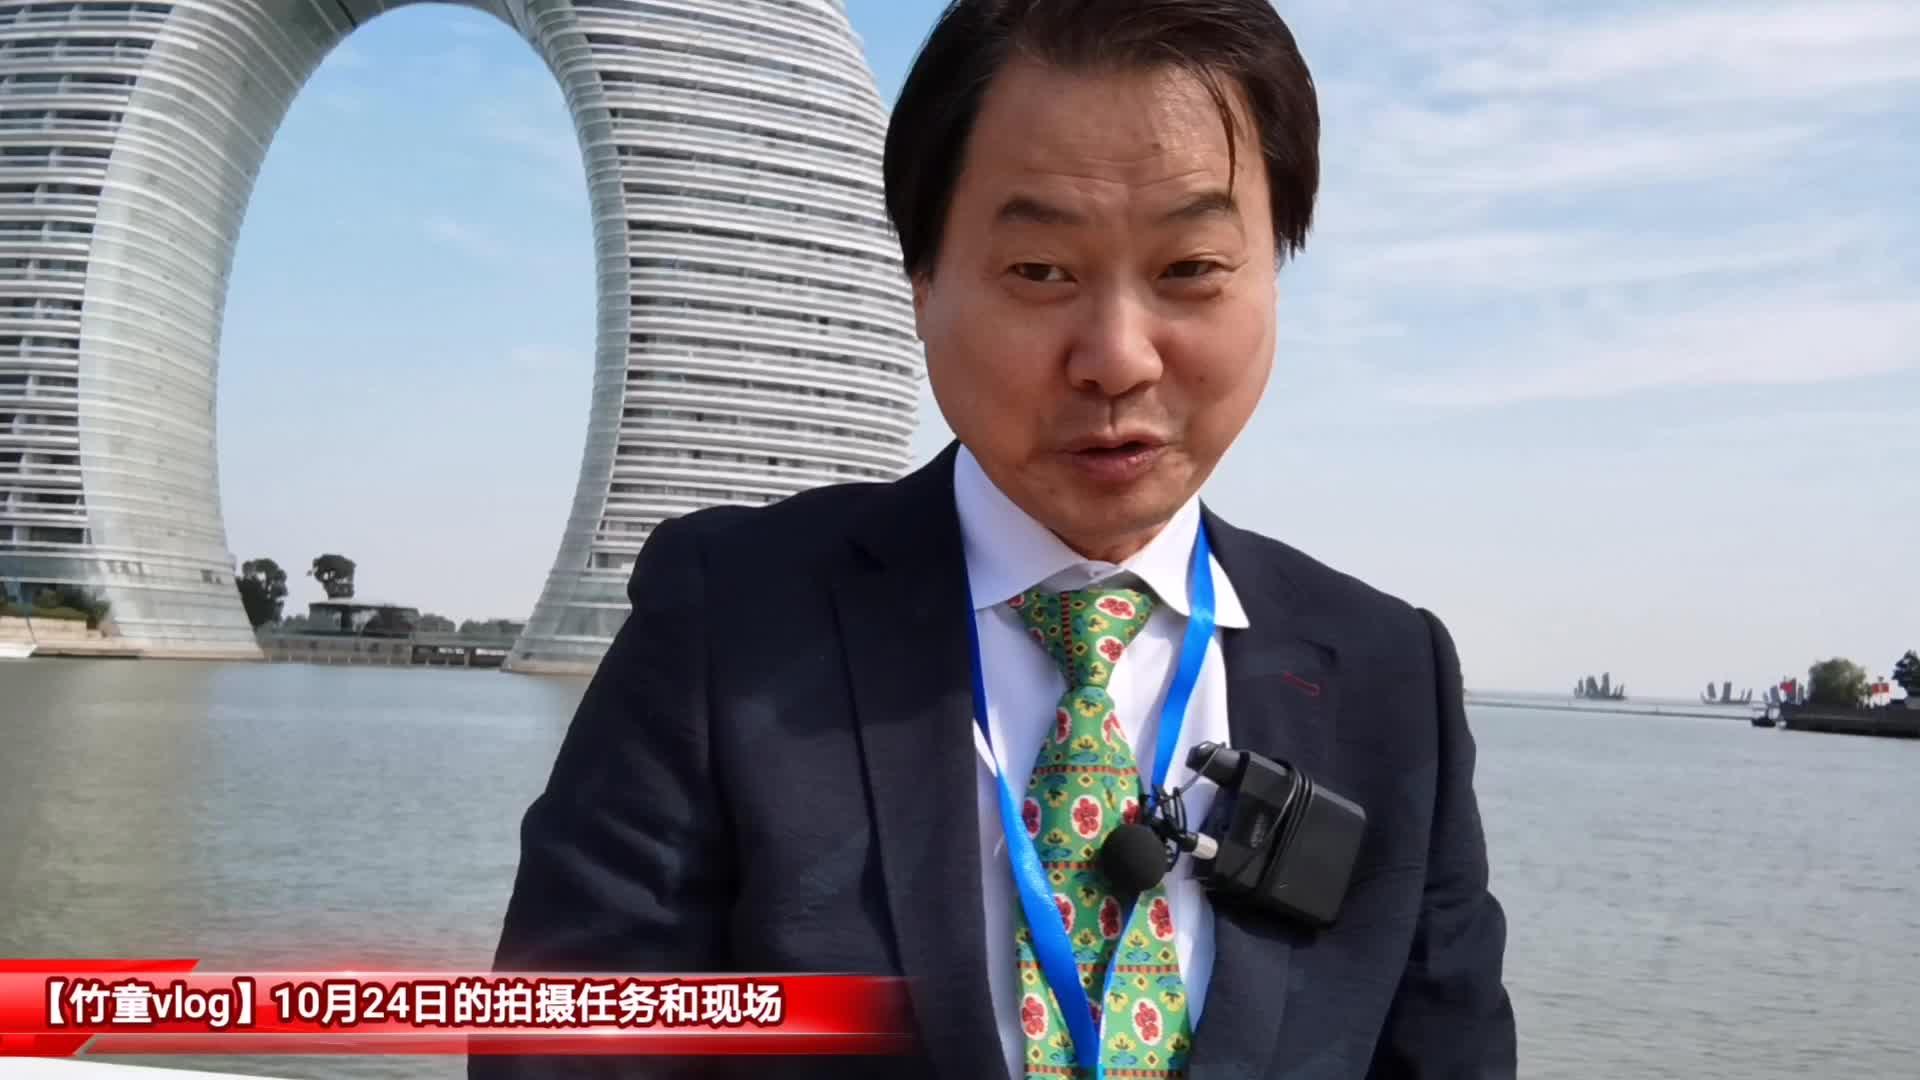 【竹童vlog】10月24日的拍摄任务和现场